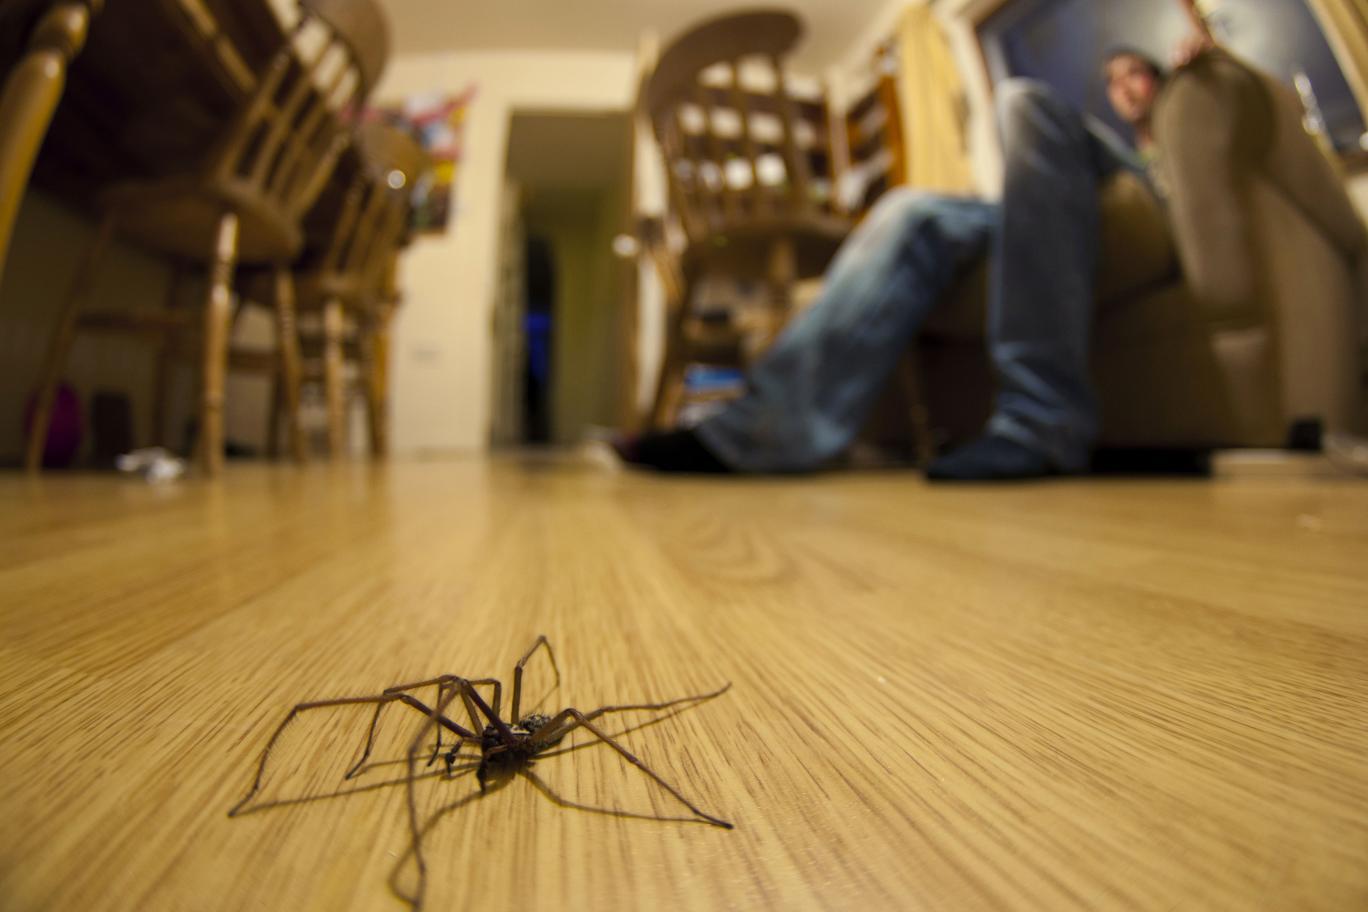 Hogyan szabaduljunk meg a rengeteg póktól otthonunkban Angliában 1